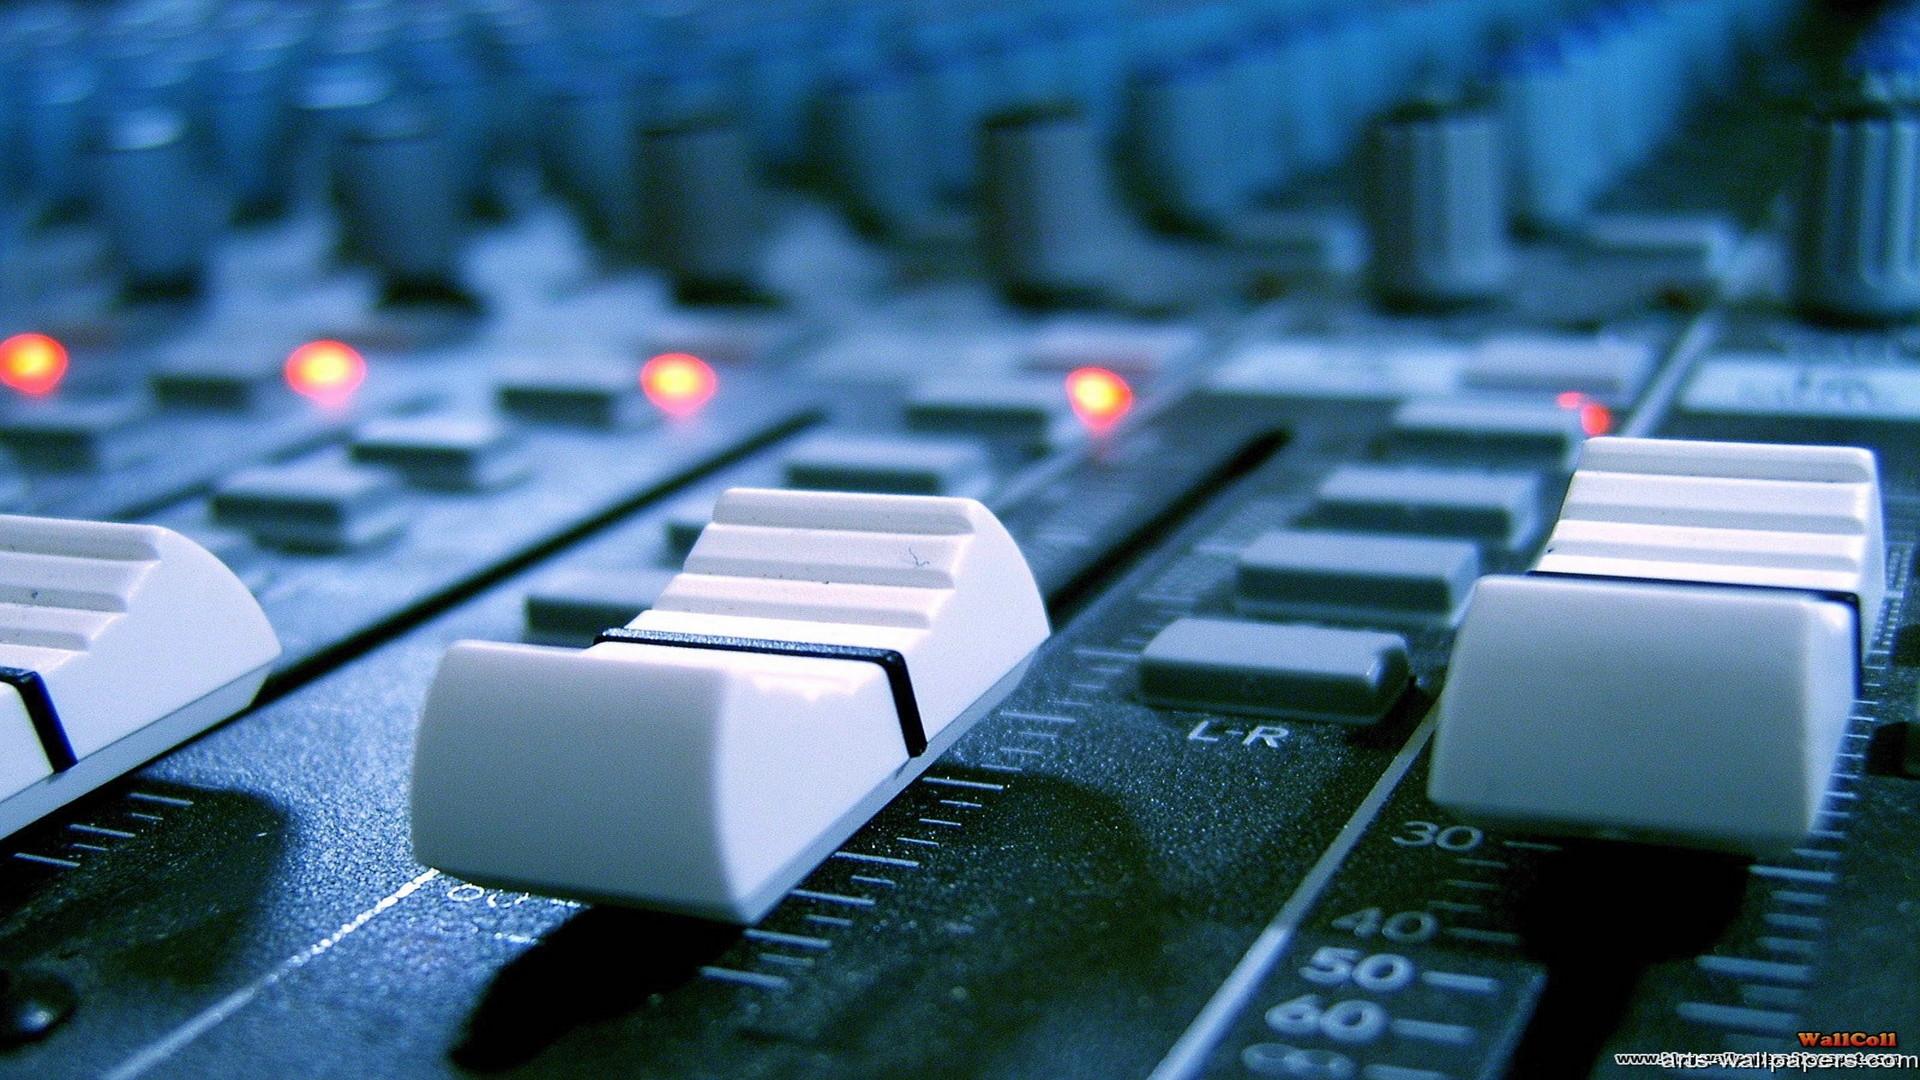 HD DJ Wallpapers, DJ Wallpapers, Desktop, Pictures, Background, 30